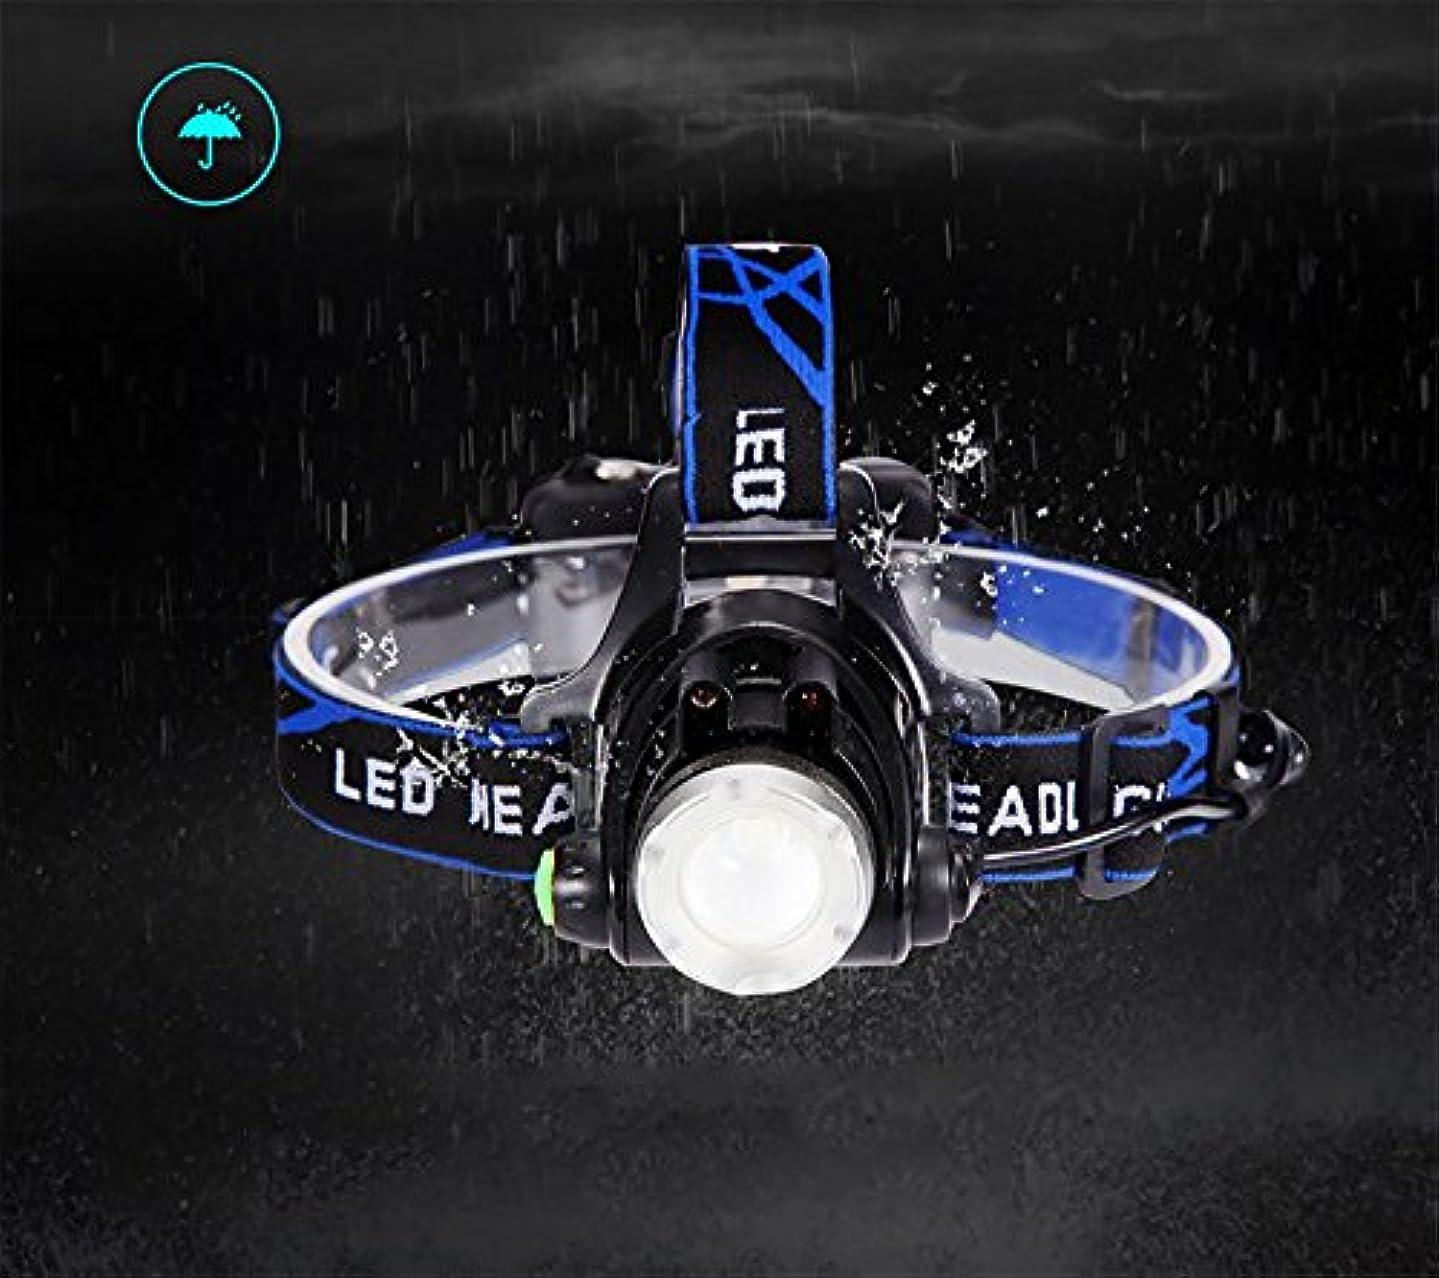 コウモリ推測めんどりAnoak ヘッドライト ボディーセンサー付き 90°調整可能 ズーム機能付き 高輝度 軽量 IPX4防水 USB充電式 夜釣り/山登り/キャンピング/作業/防犯防災などの照明用 LEDヘッドライト (ご注意:北海道と沖縄には届かない)